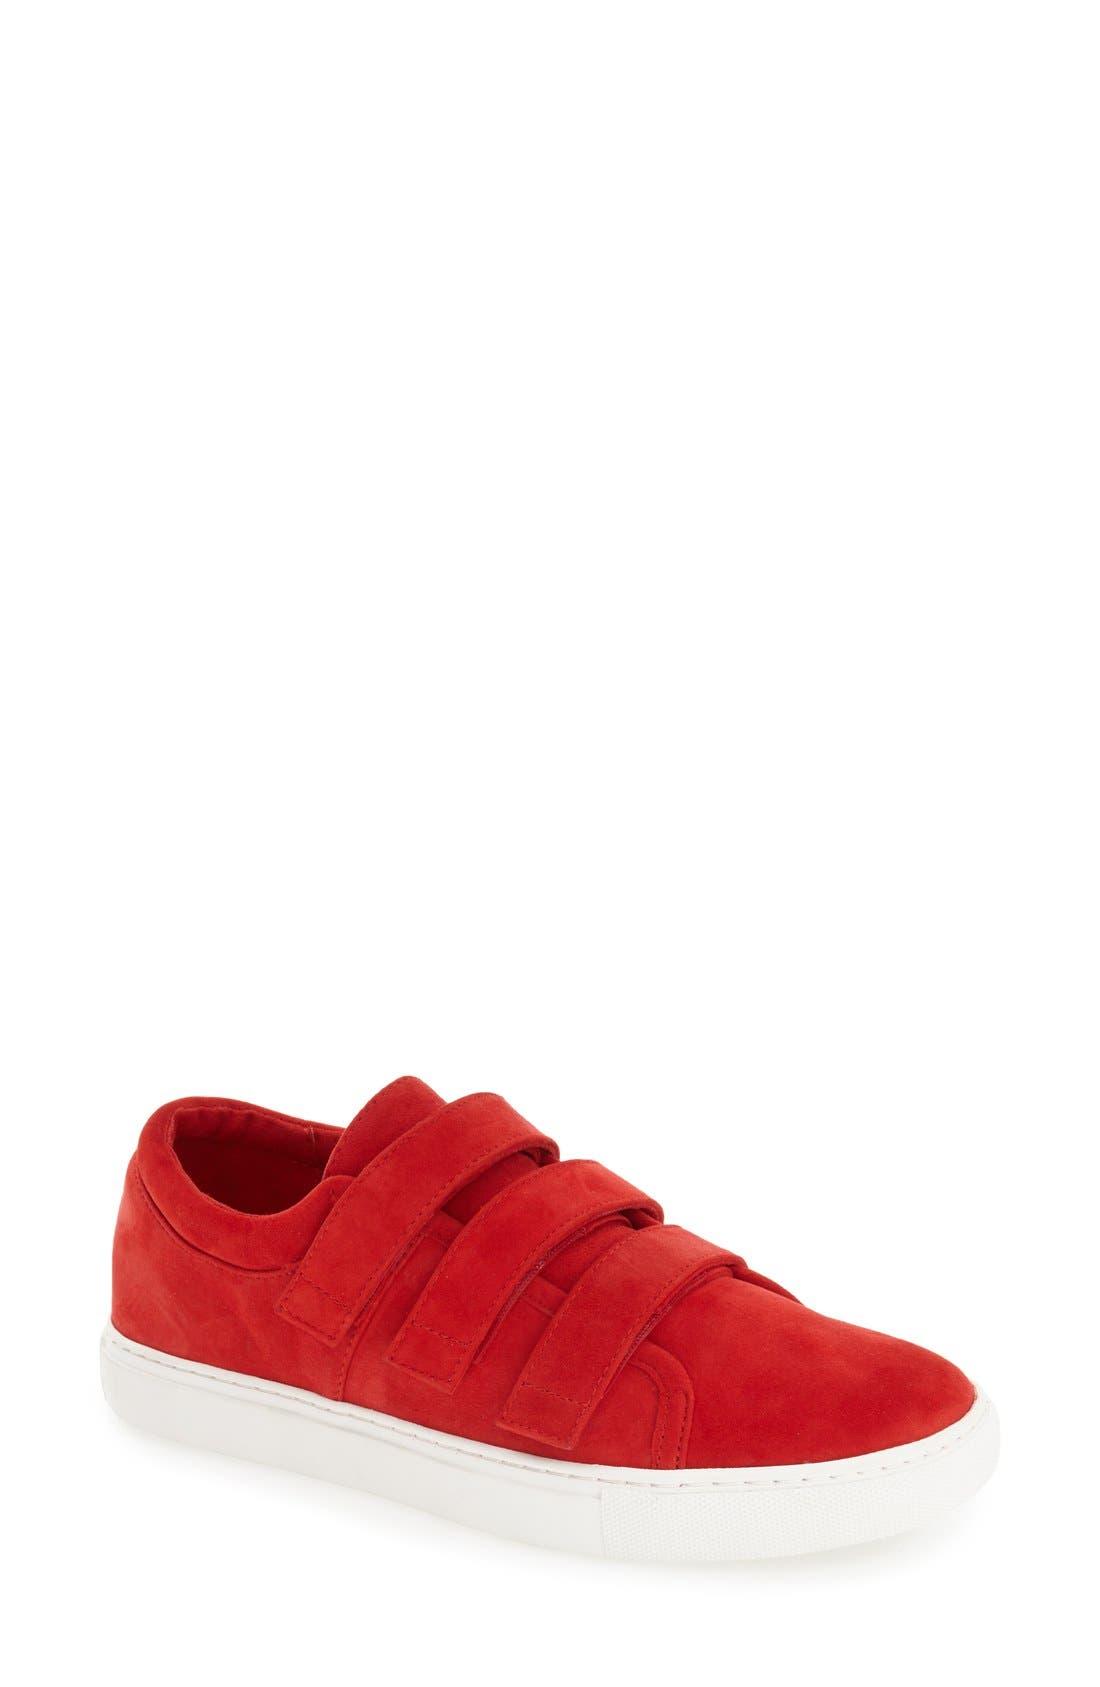 KENNETH COLE NEW YORK Kingviel Sneaker